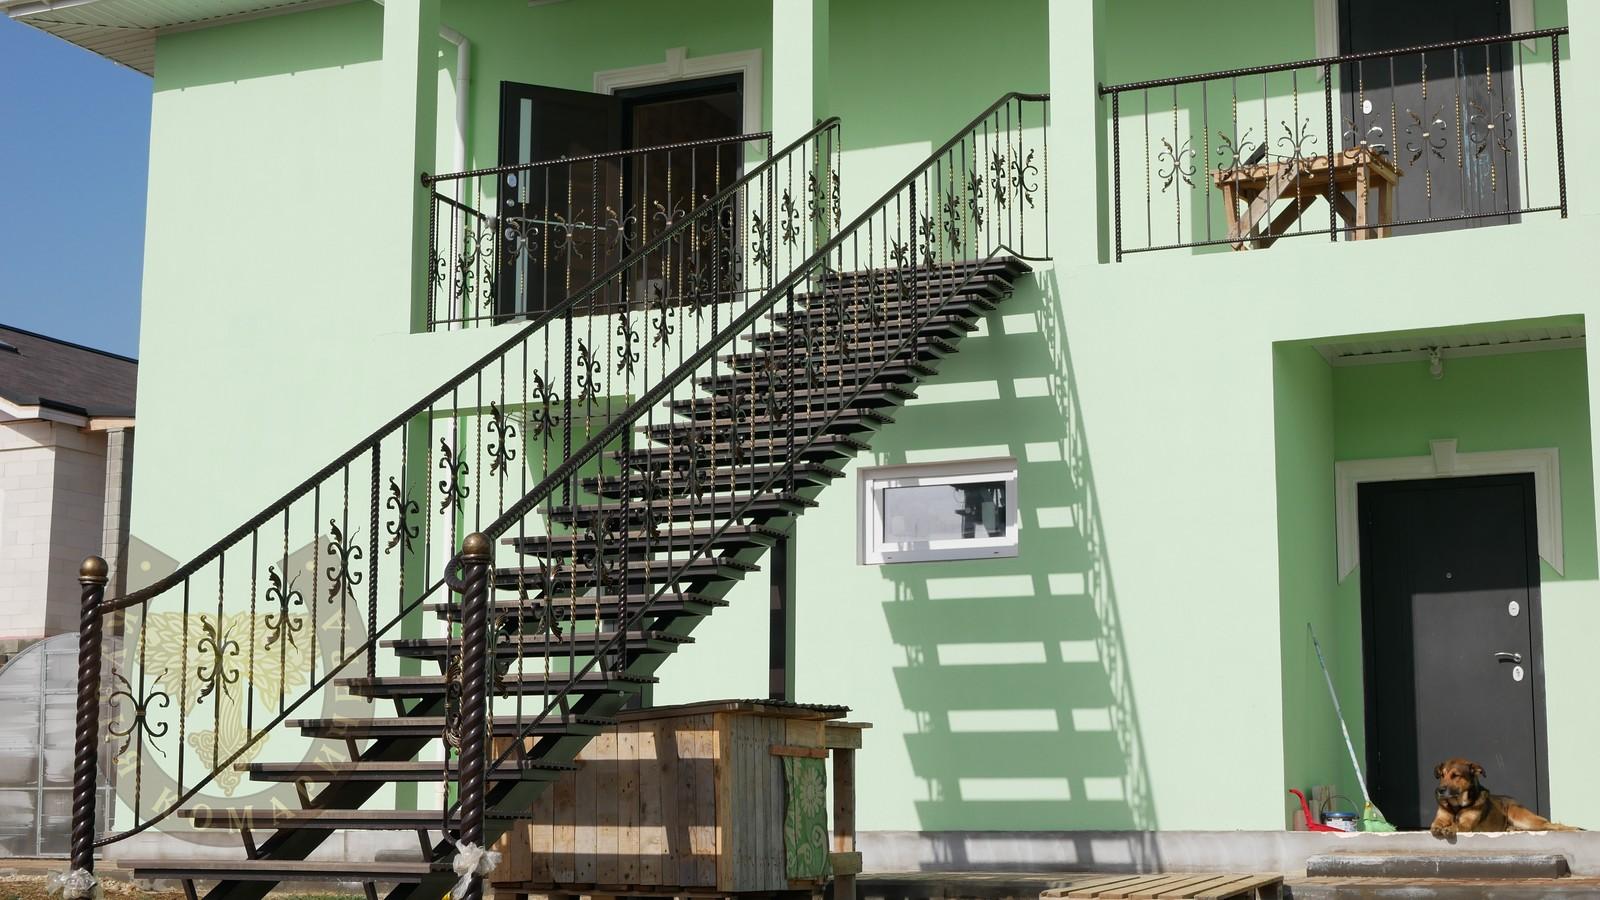 Кованая лестница с ограждениями. Дата установки: 2021 год. Полное видео смотрите в видеогалерее